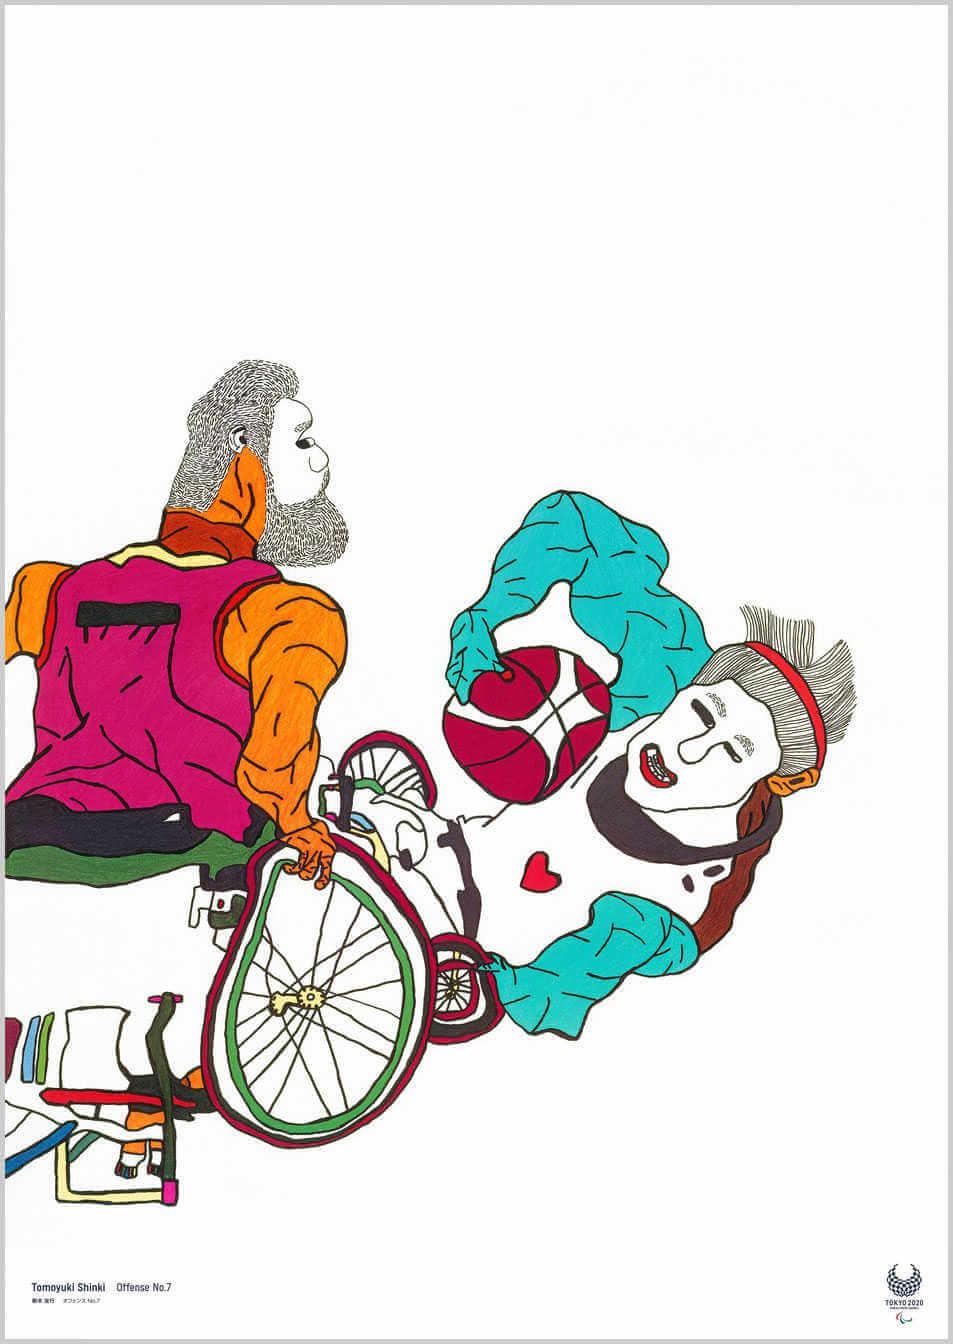 Poster de las paraolimpiadas de tokio 2020 ilustrado por el artista Tomoyuki Shinki